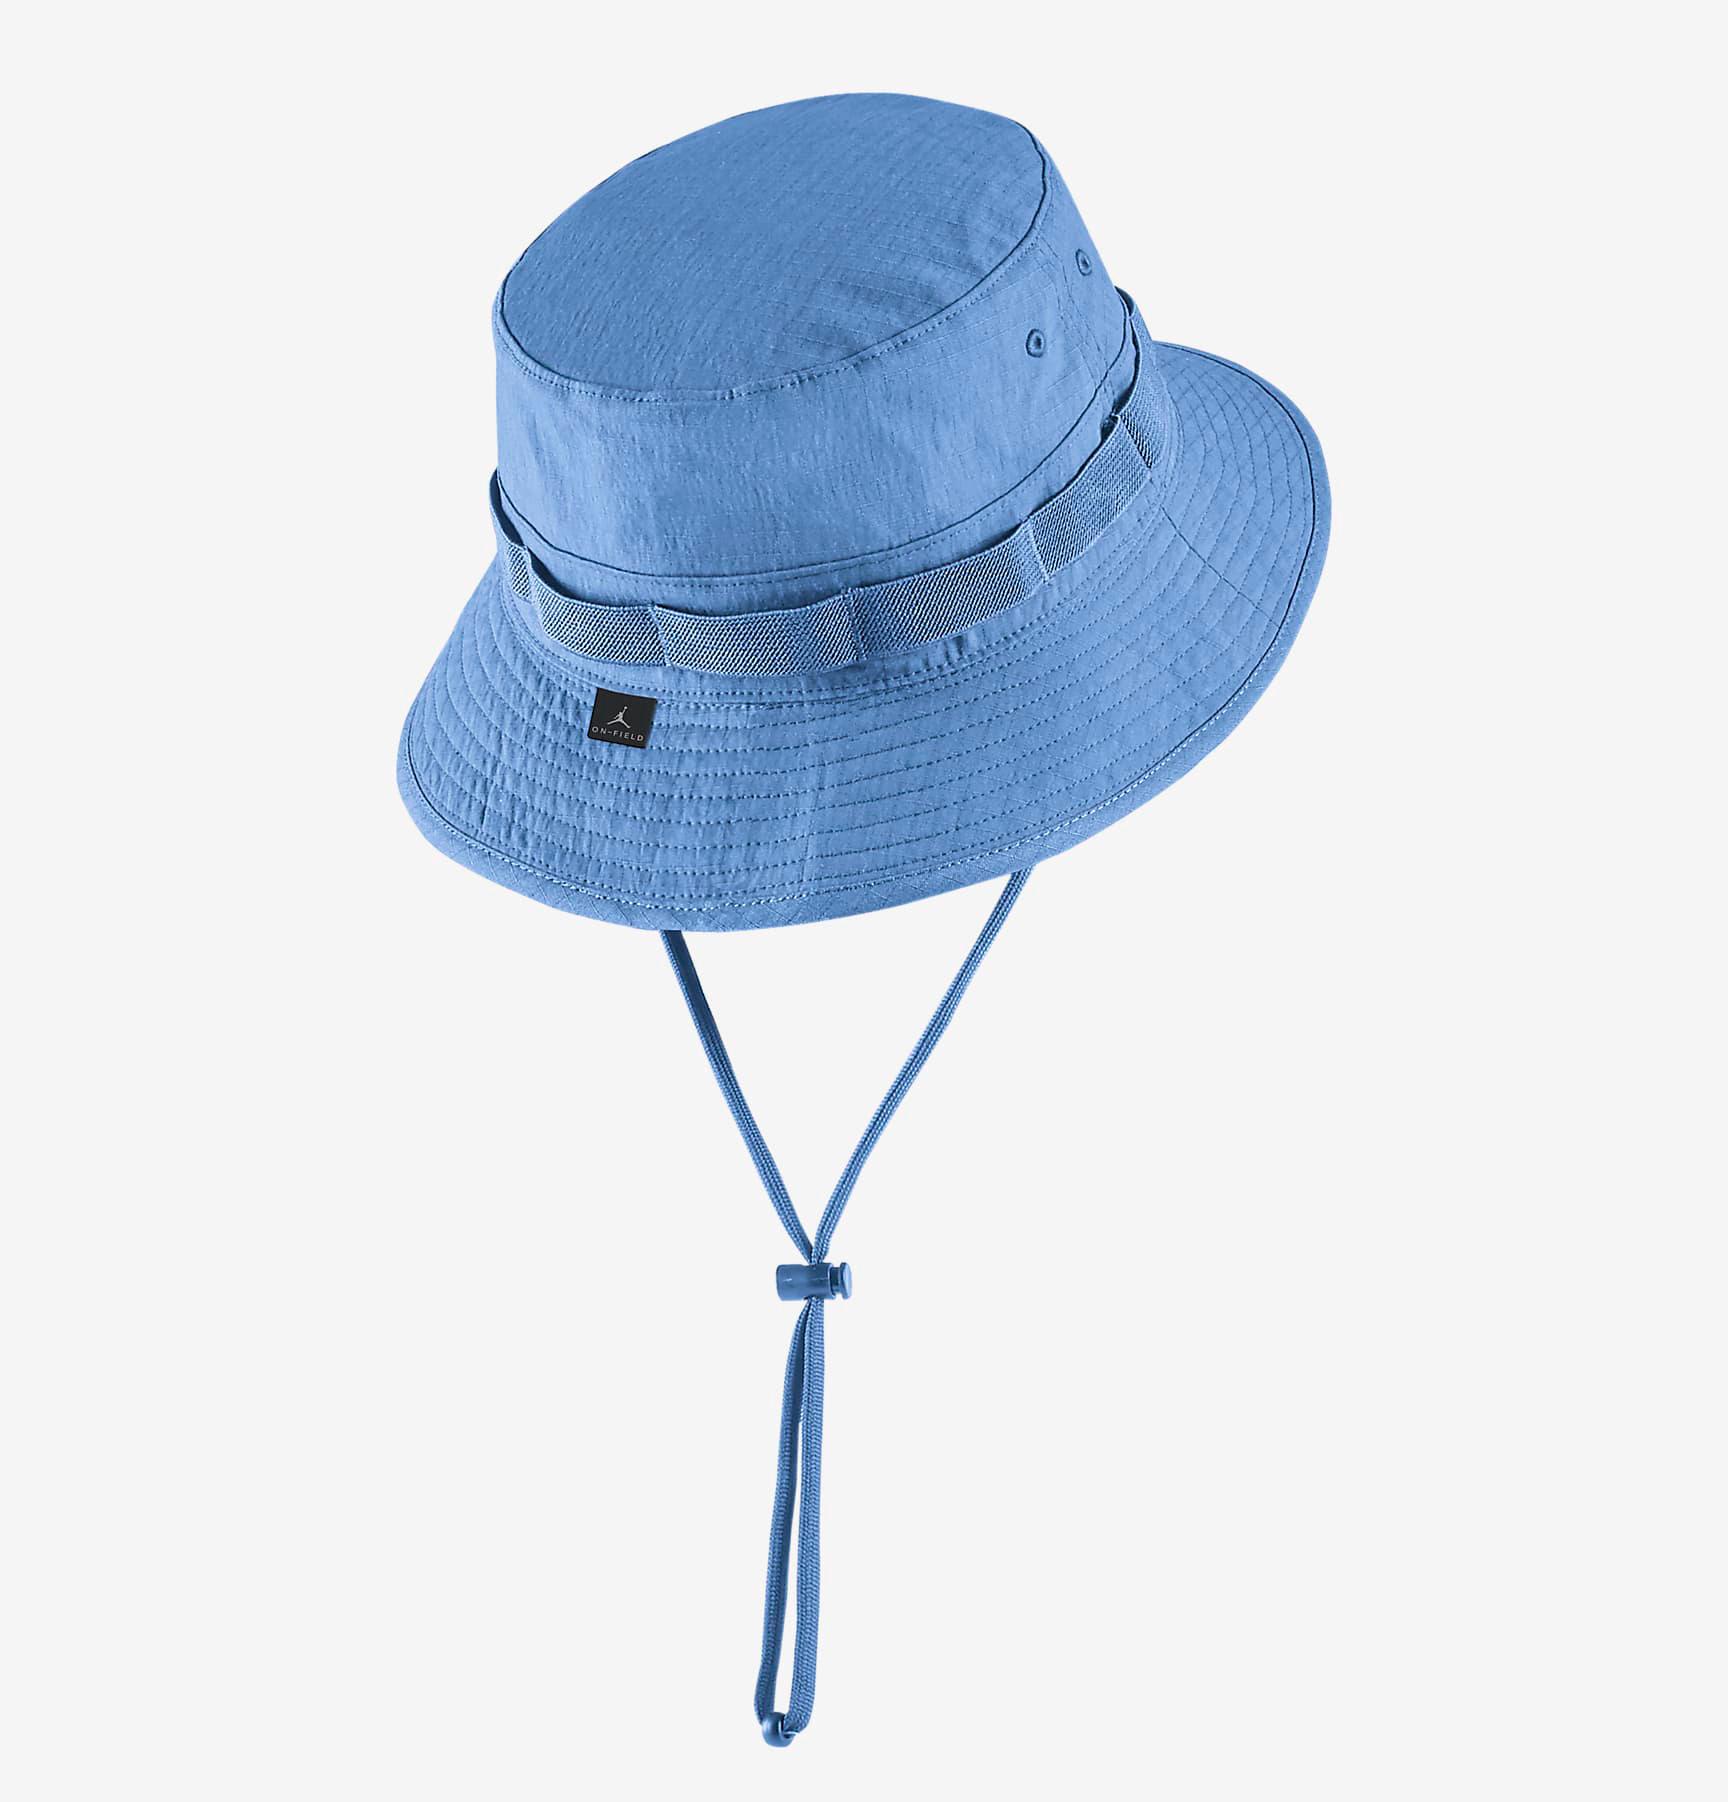 jordan-unc-tar-heels-bucket-hat-2